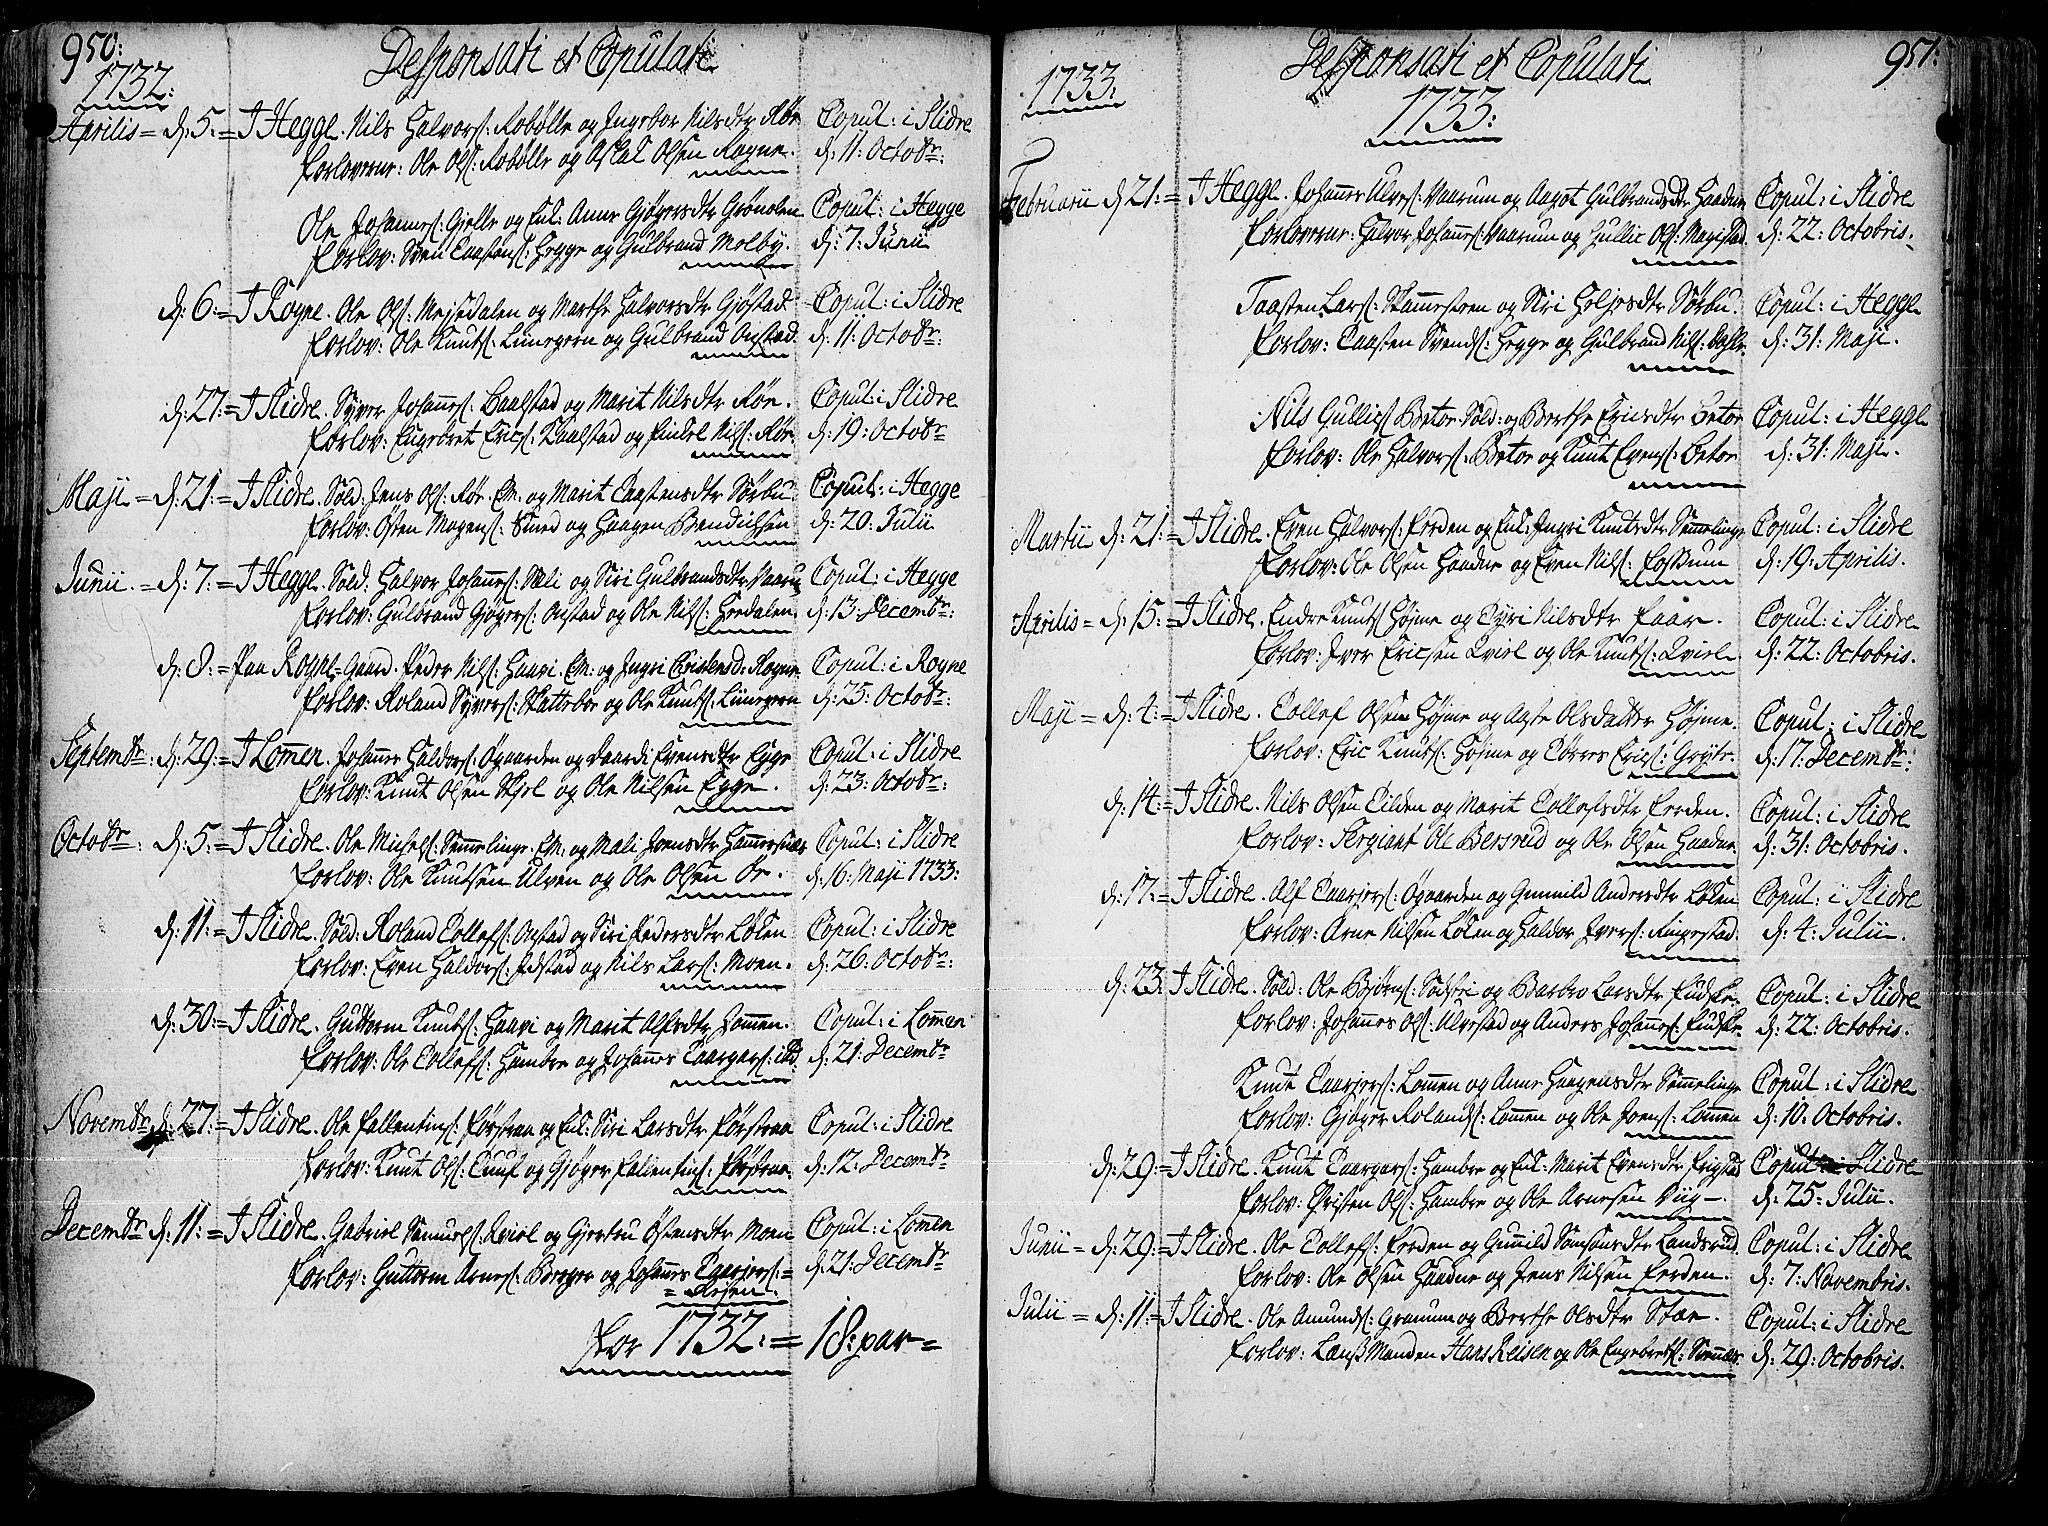 SAH, Slidre prestekontor, Ministerialbok nr. 1, 1724-1814, s. 950-951